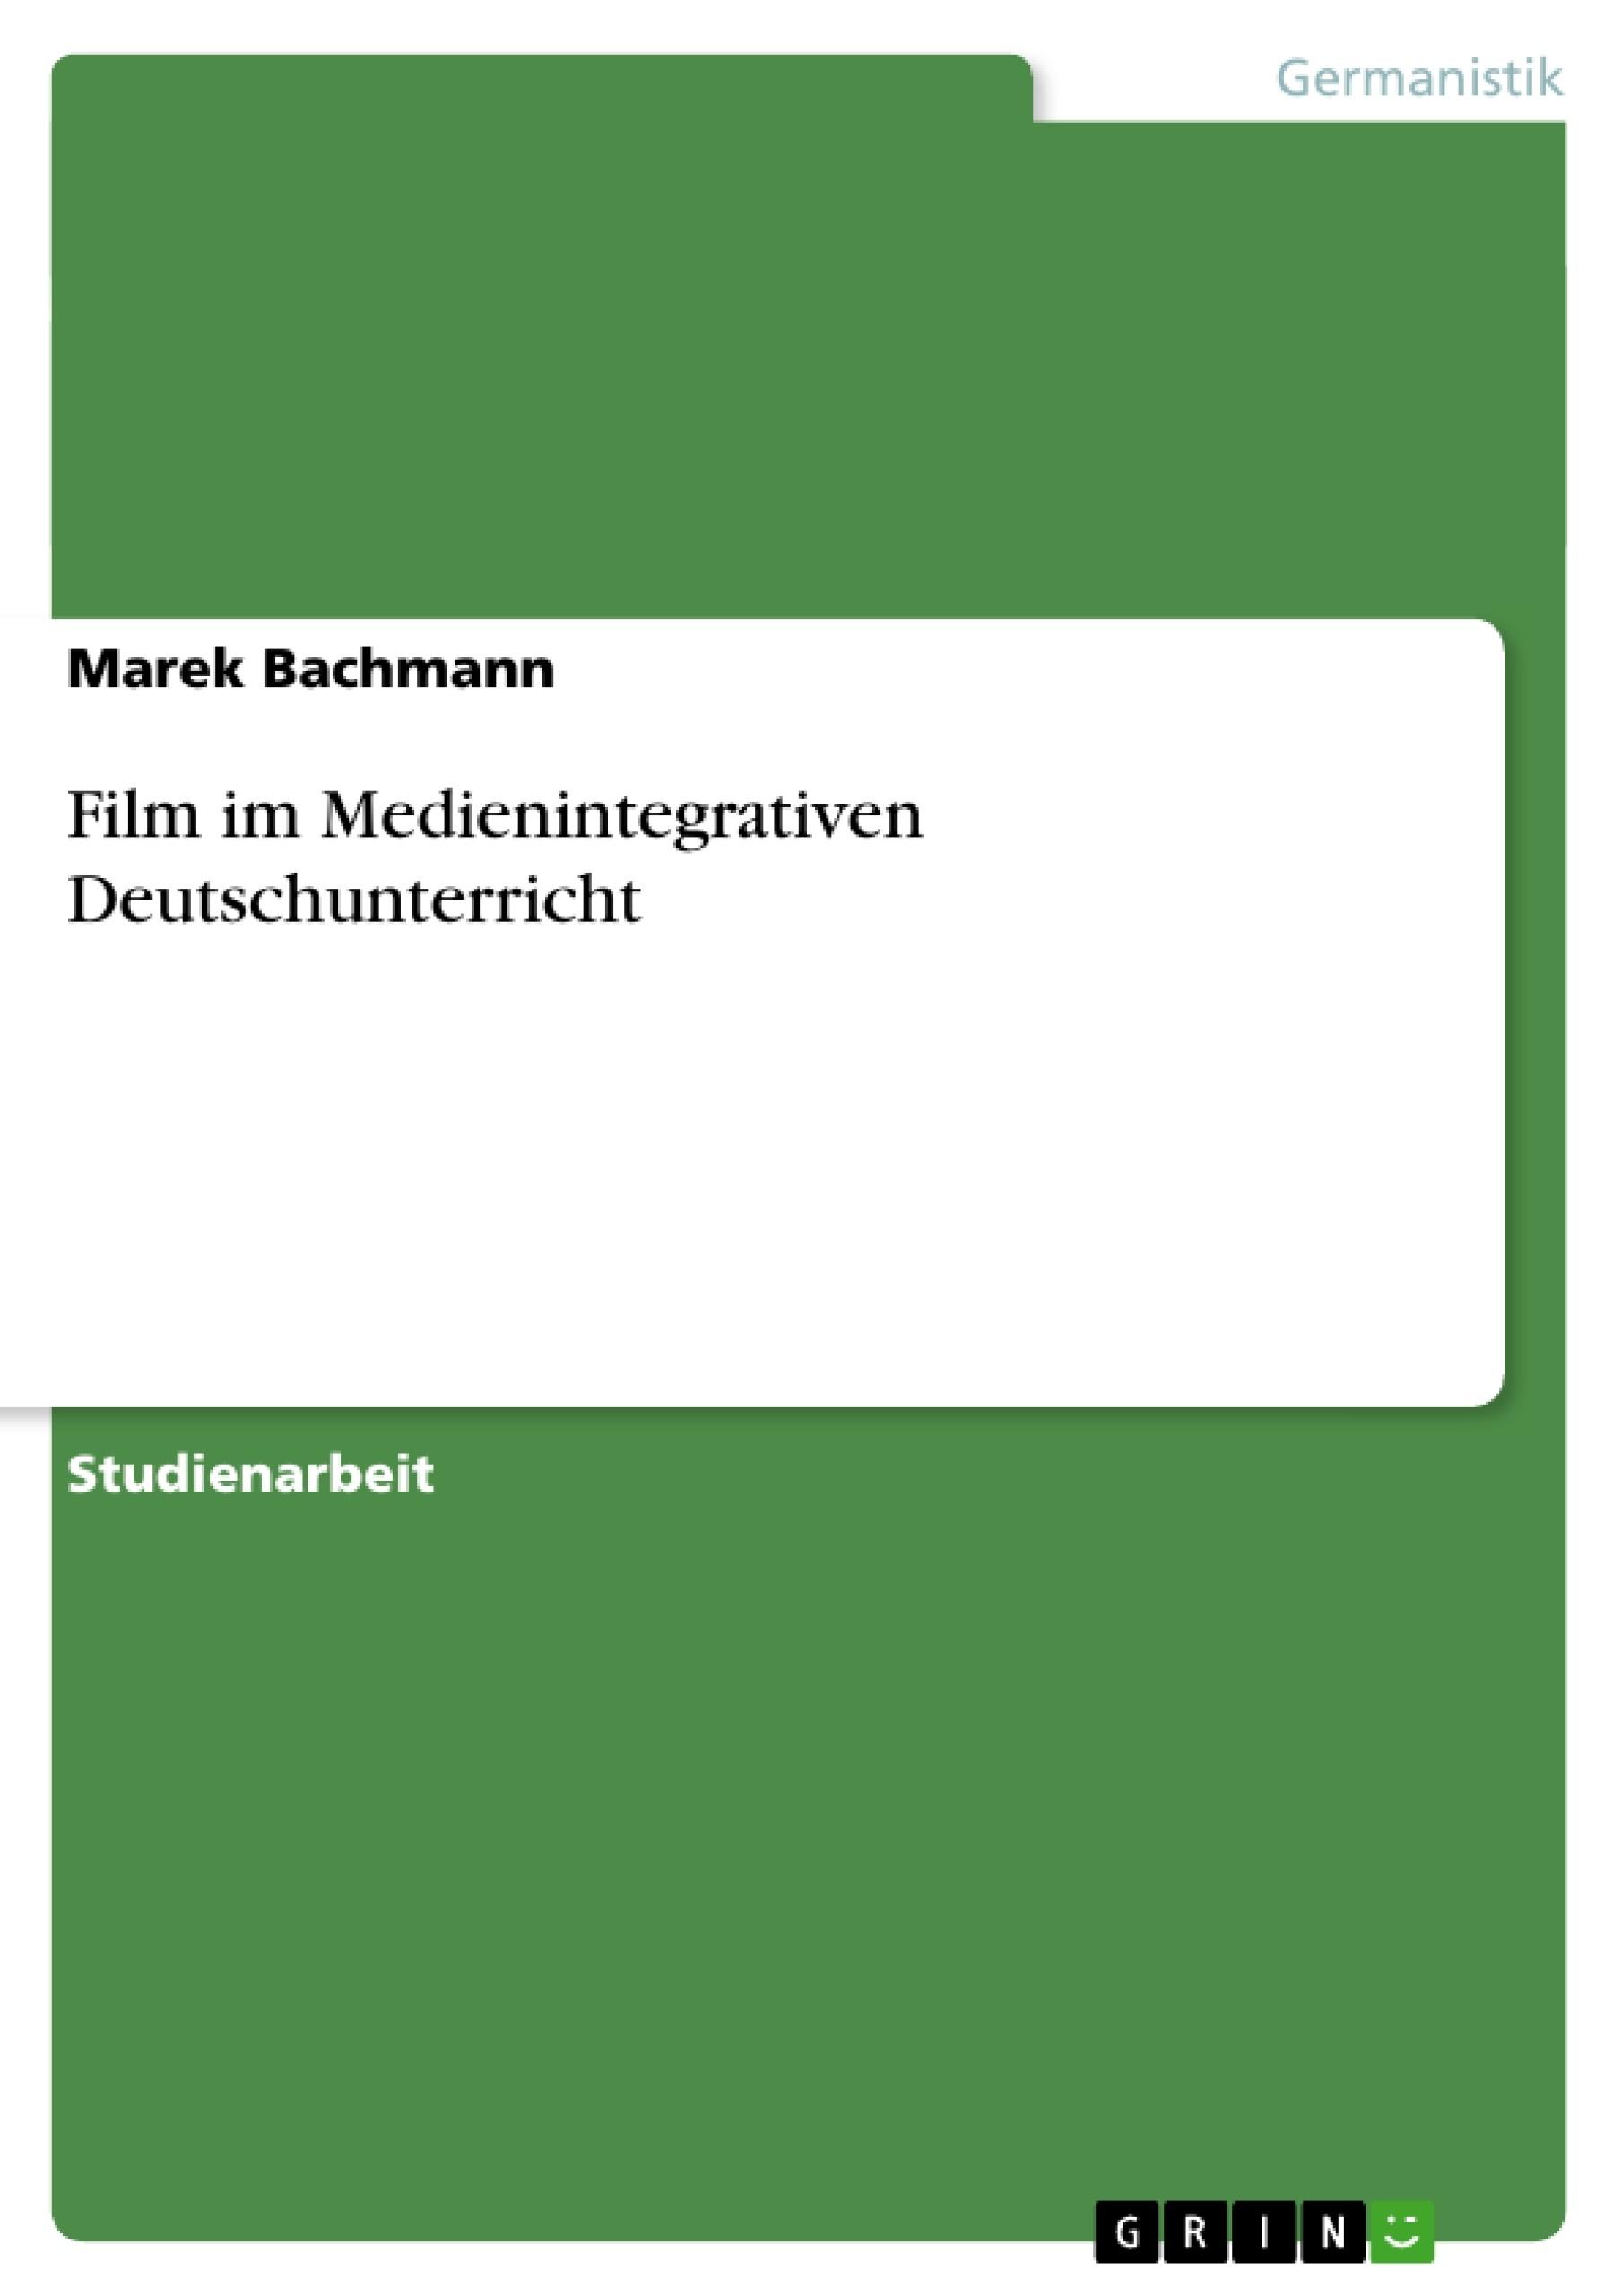 Titel: Film im Medienintegrativen Deutschunterricht